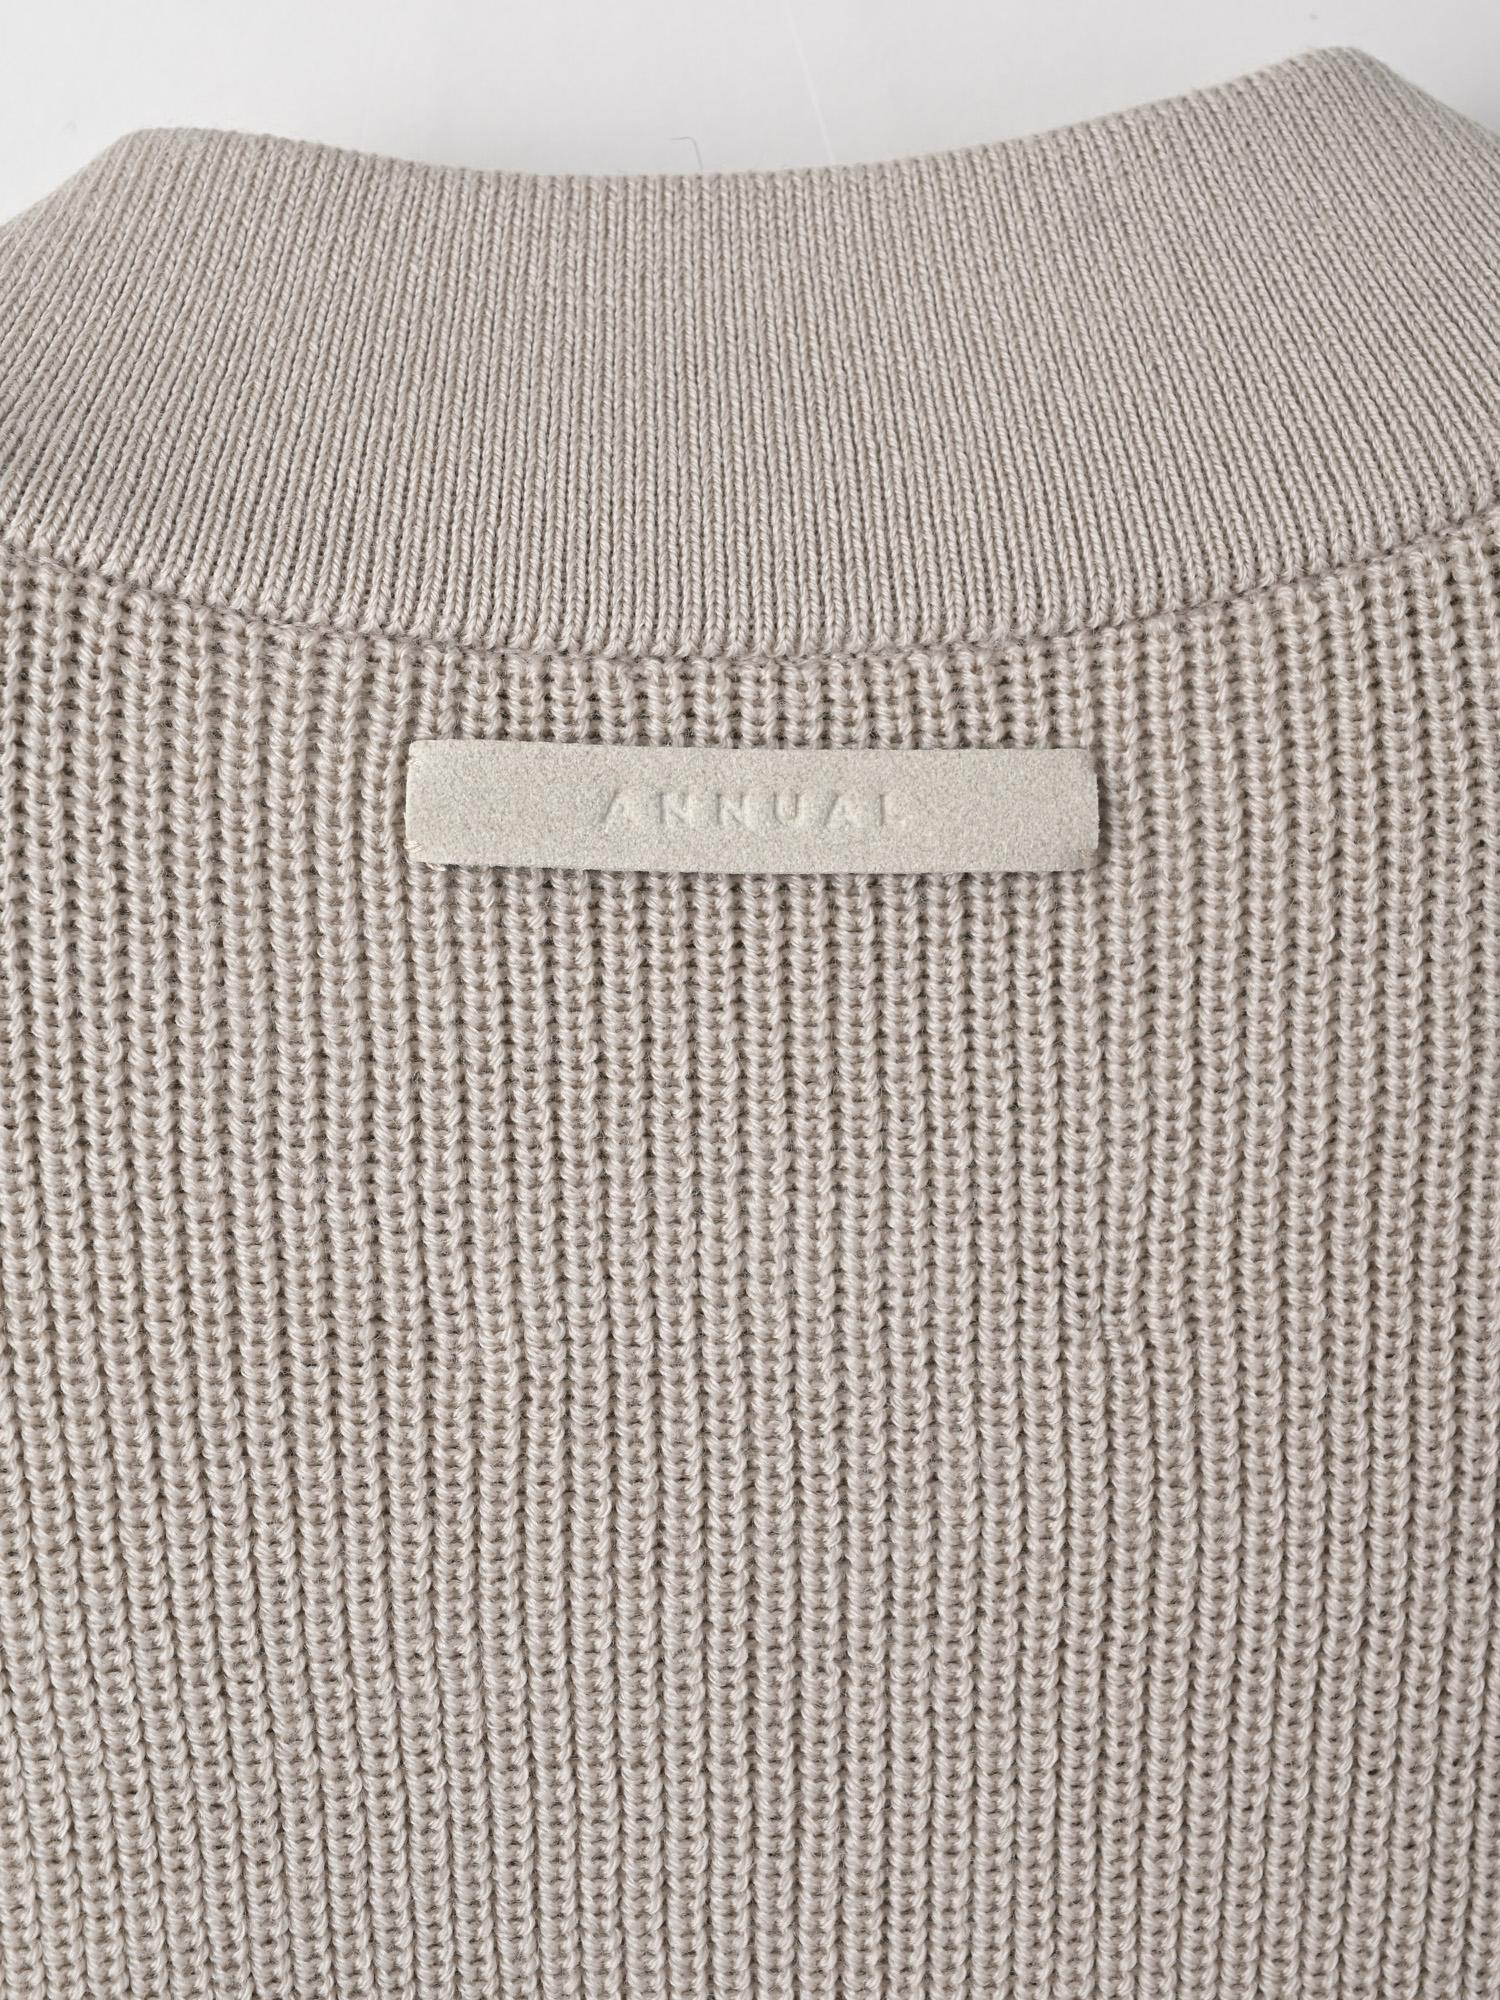 【予約】Military sweaterのサムネイル7